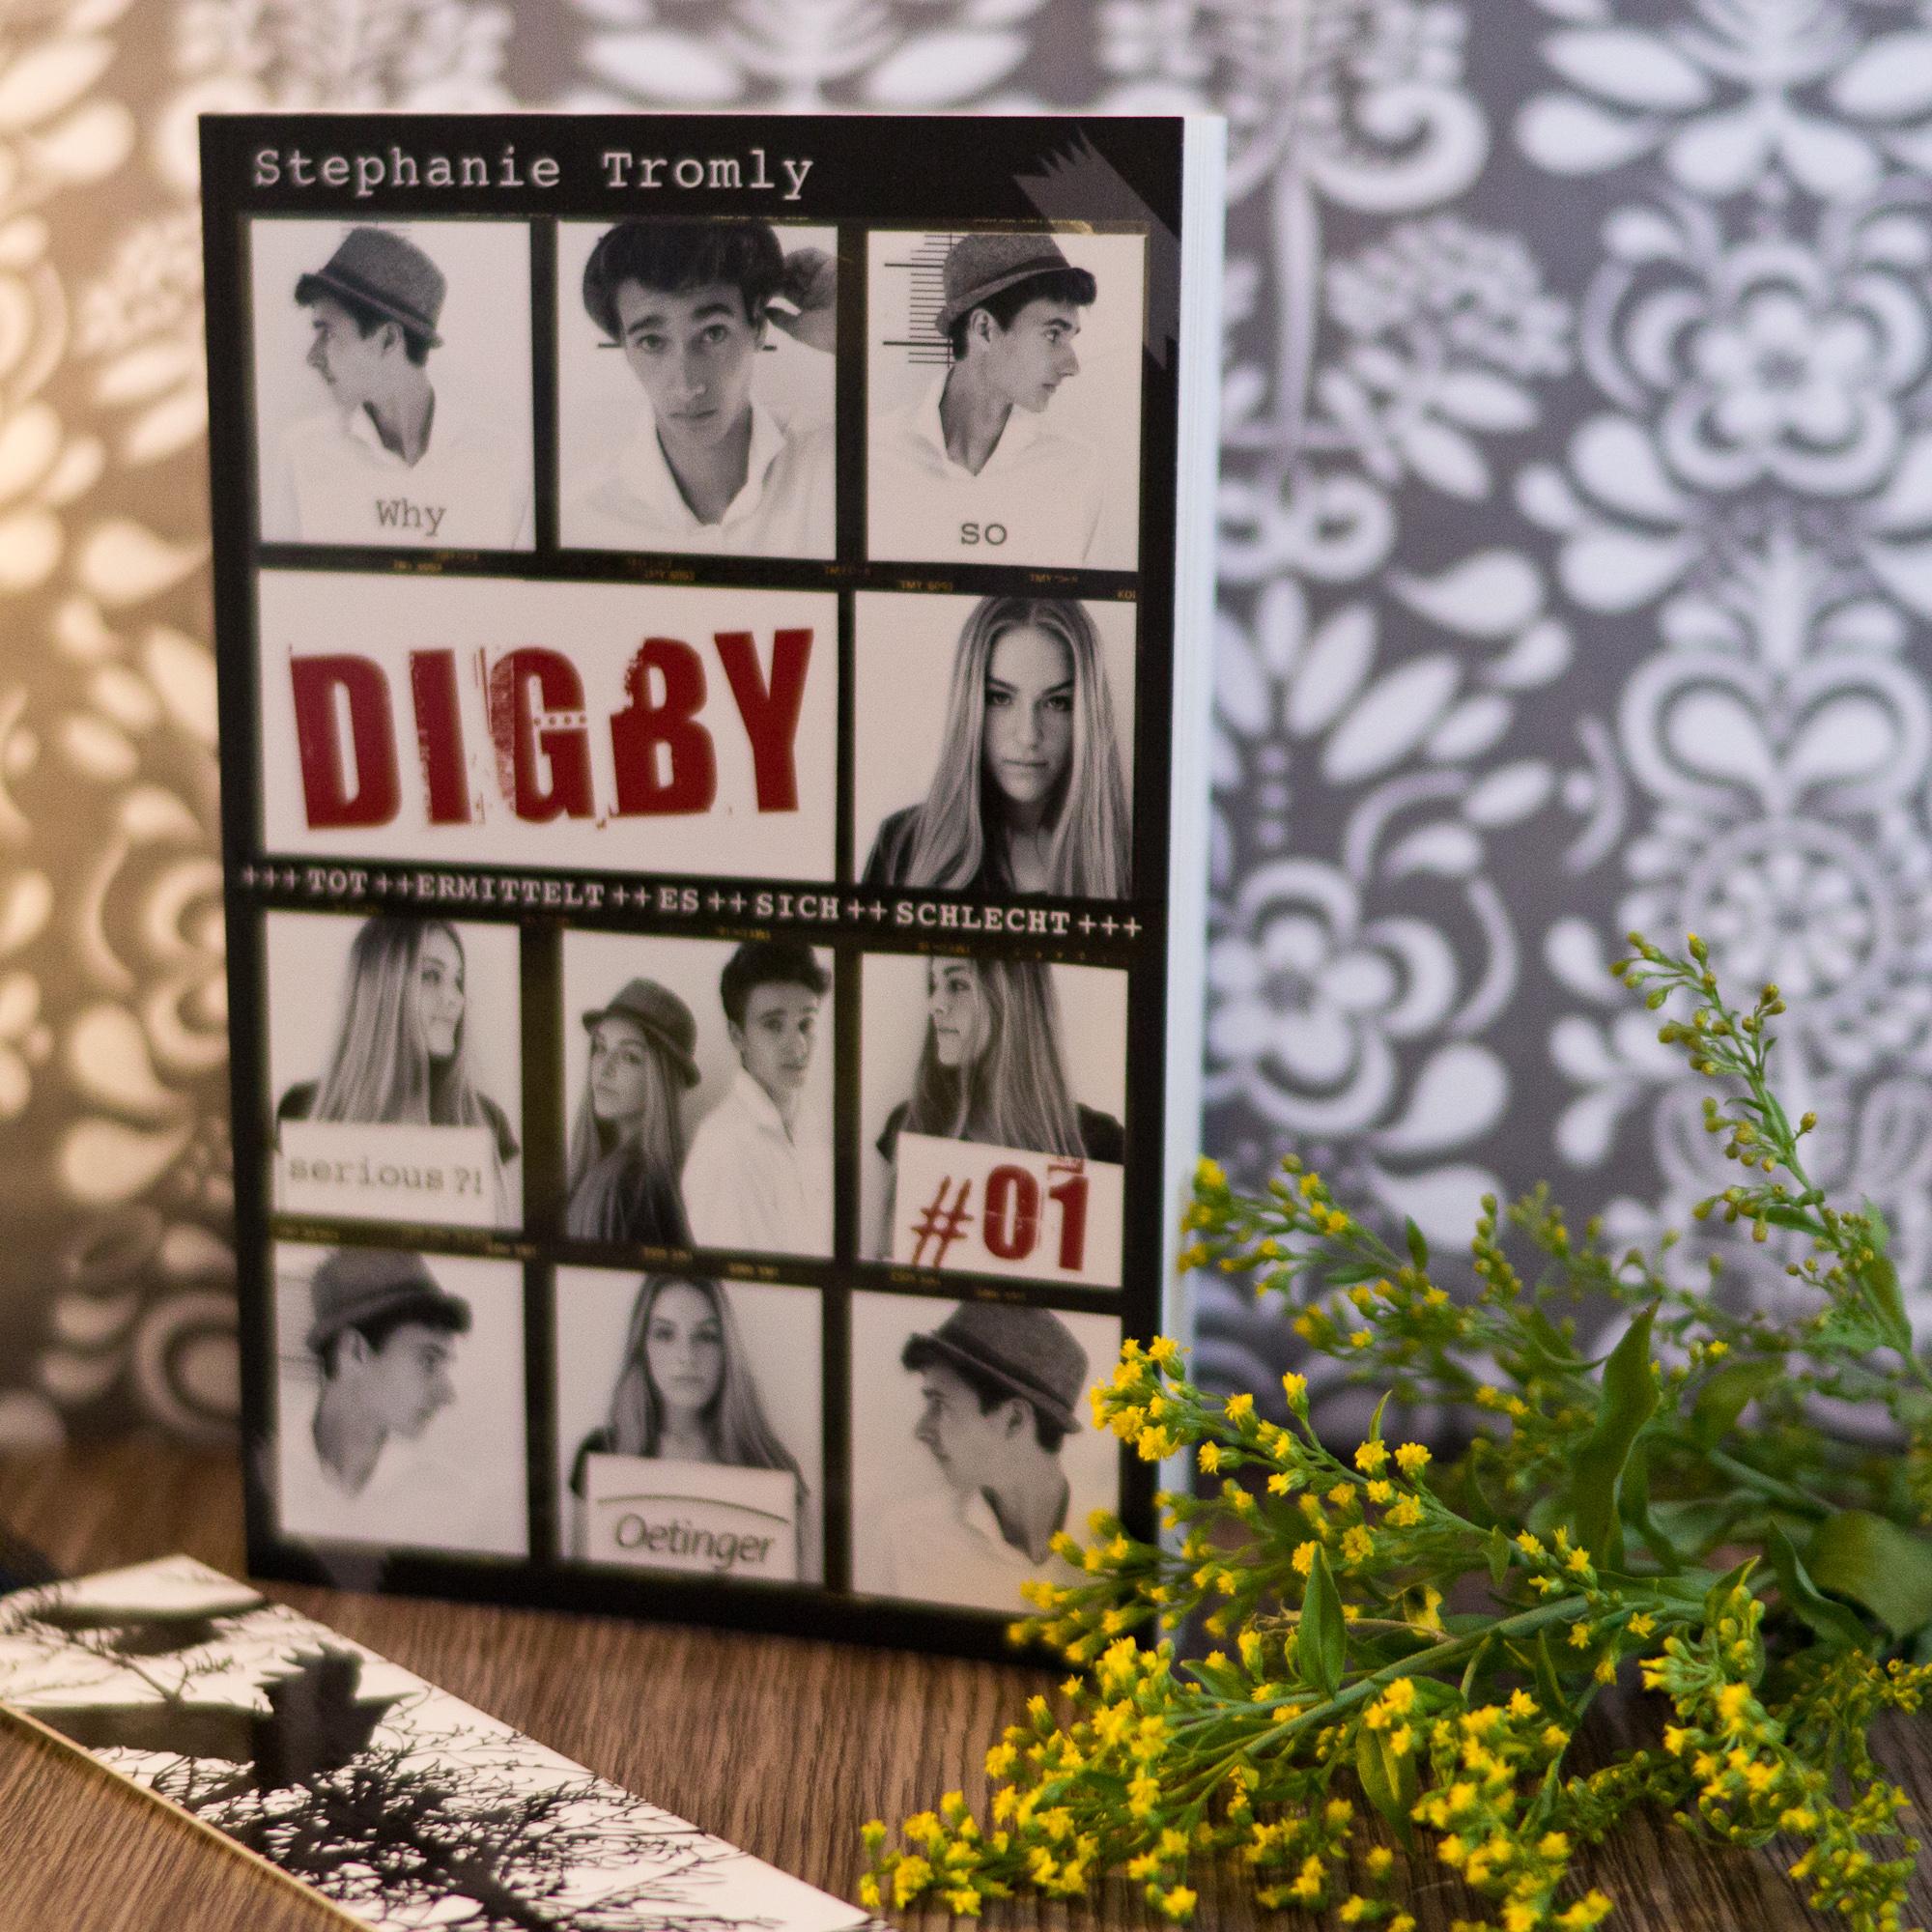 Digby #01 – Stephanie Tromly